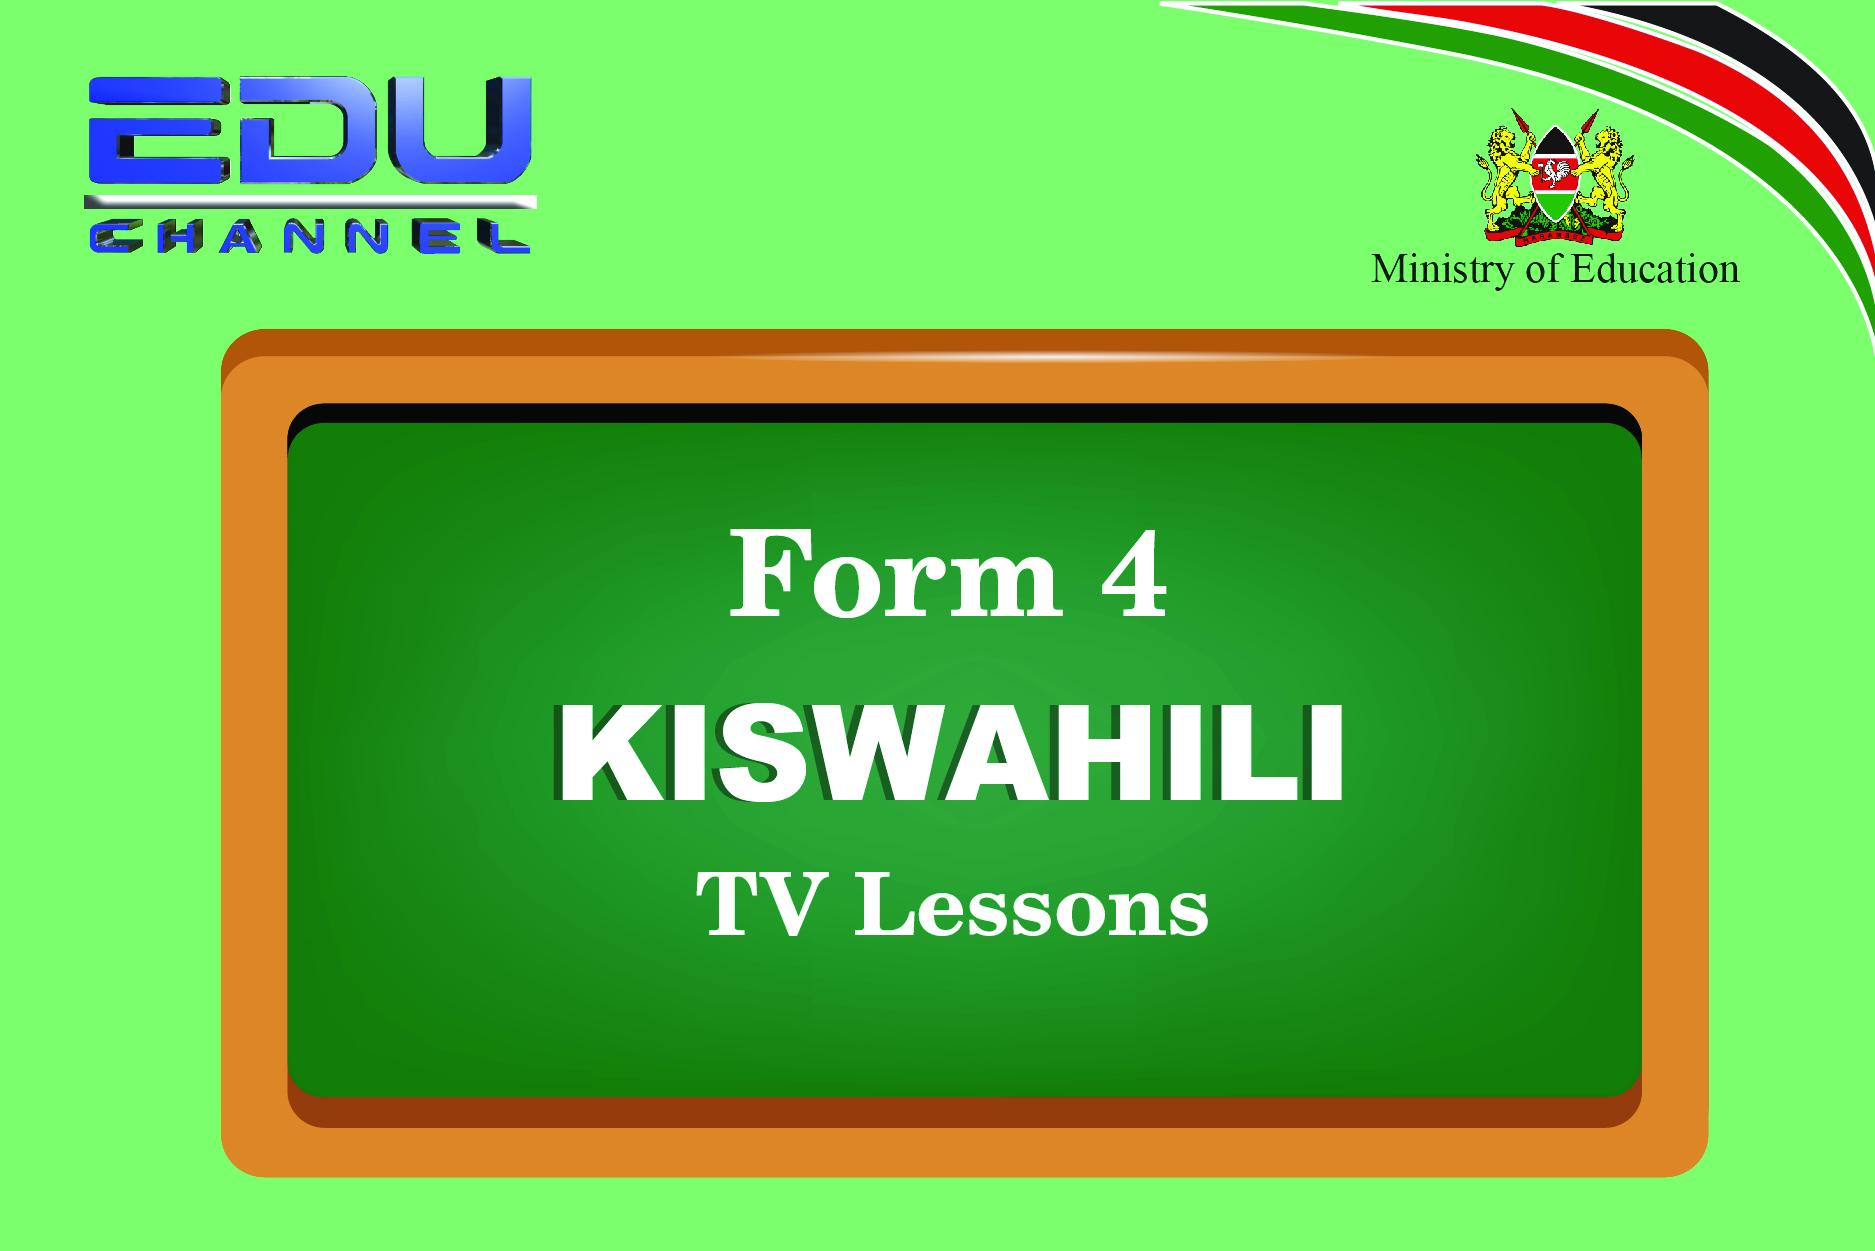 Form 4 Kiswahili Lesson 1: Sifa za Fasihi Simulizi